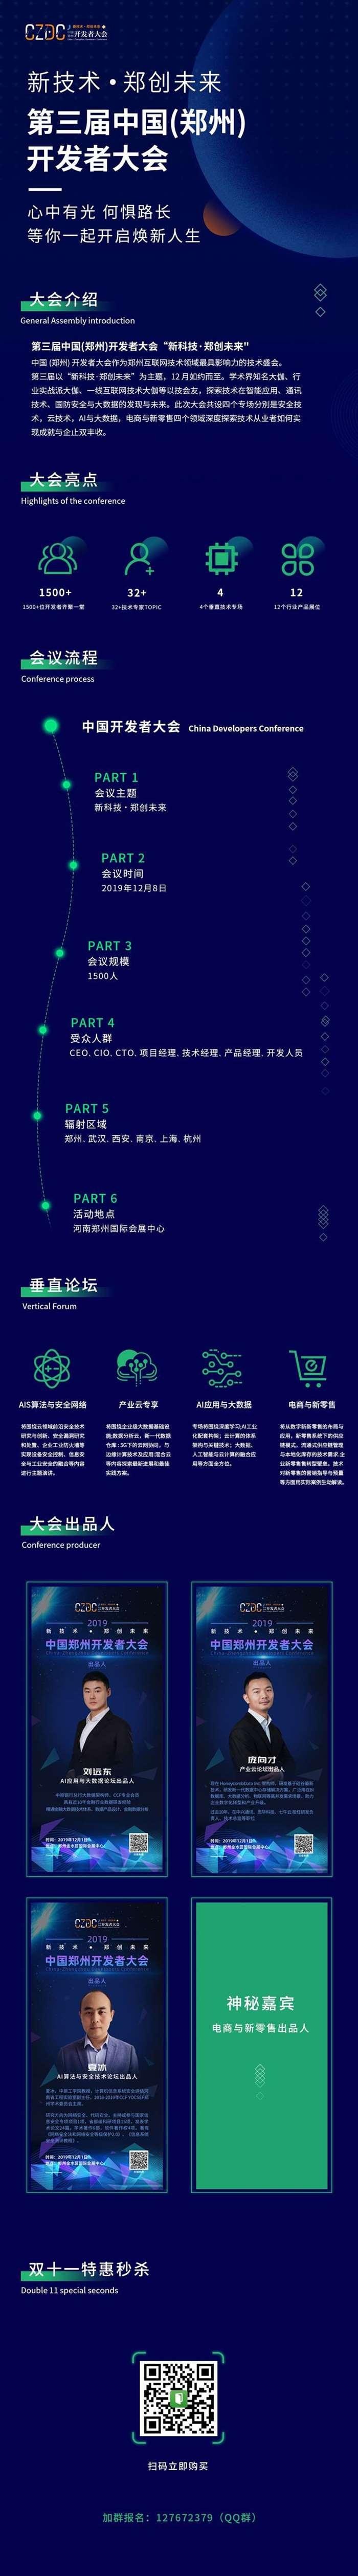 第三届中国郑州开发者大会.jpeg